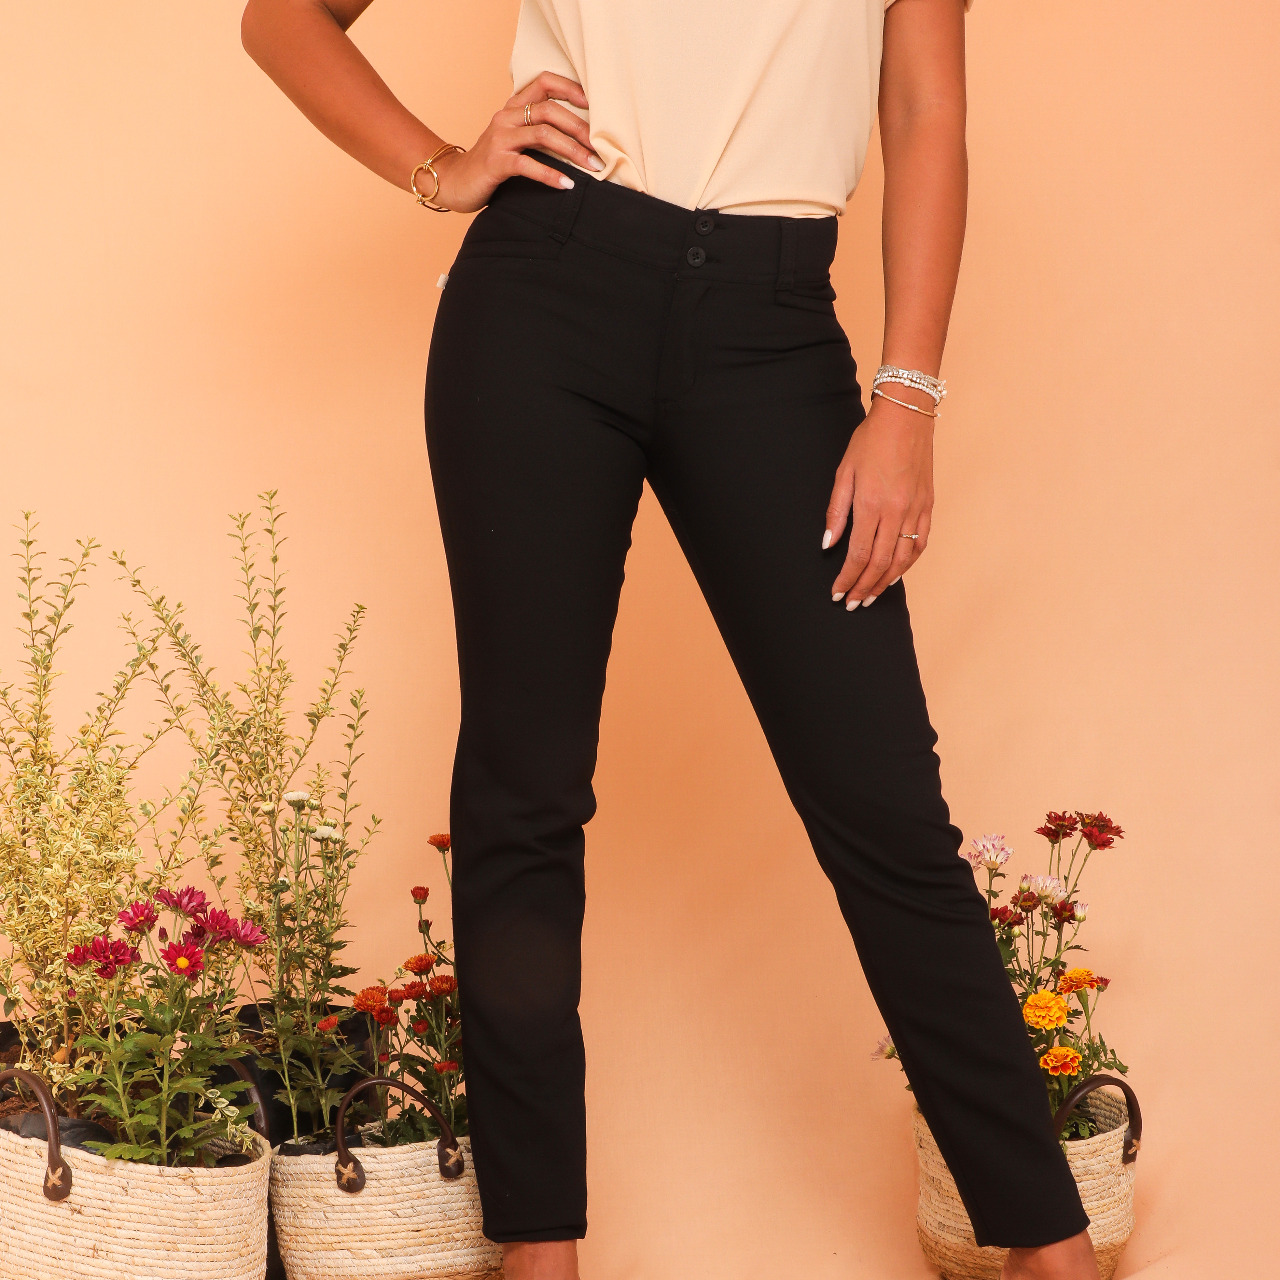 Pantalon de Vestir Cod. 1200234